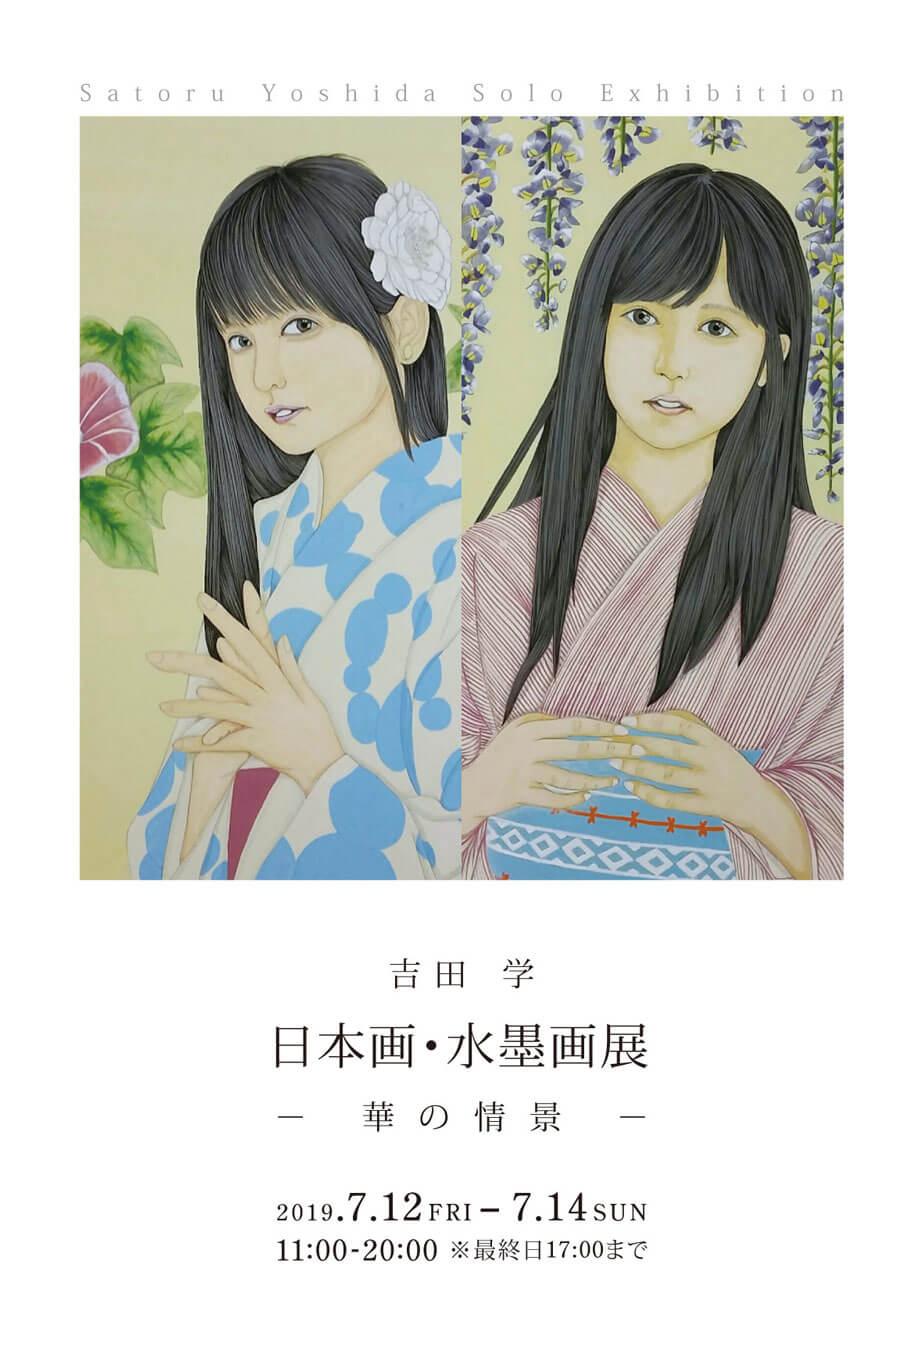 enlc-201907-吉田学-展覧会